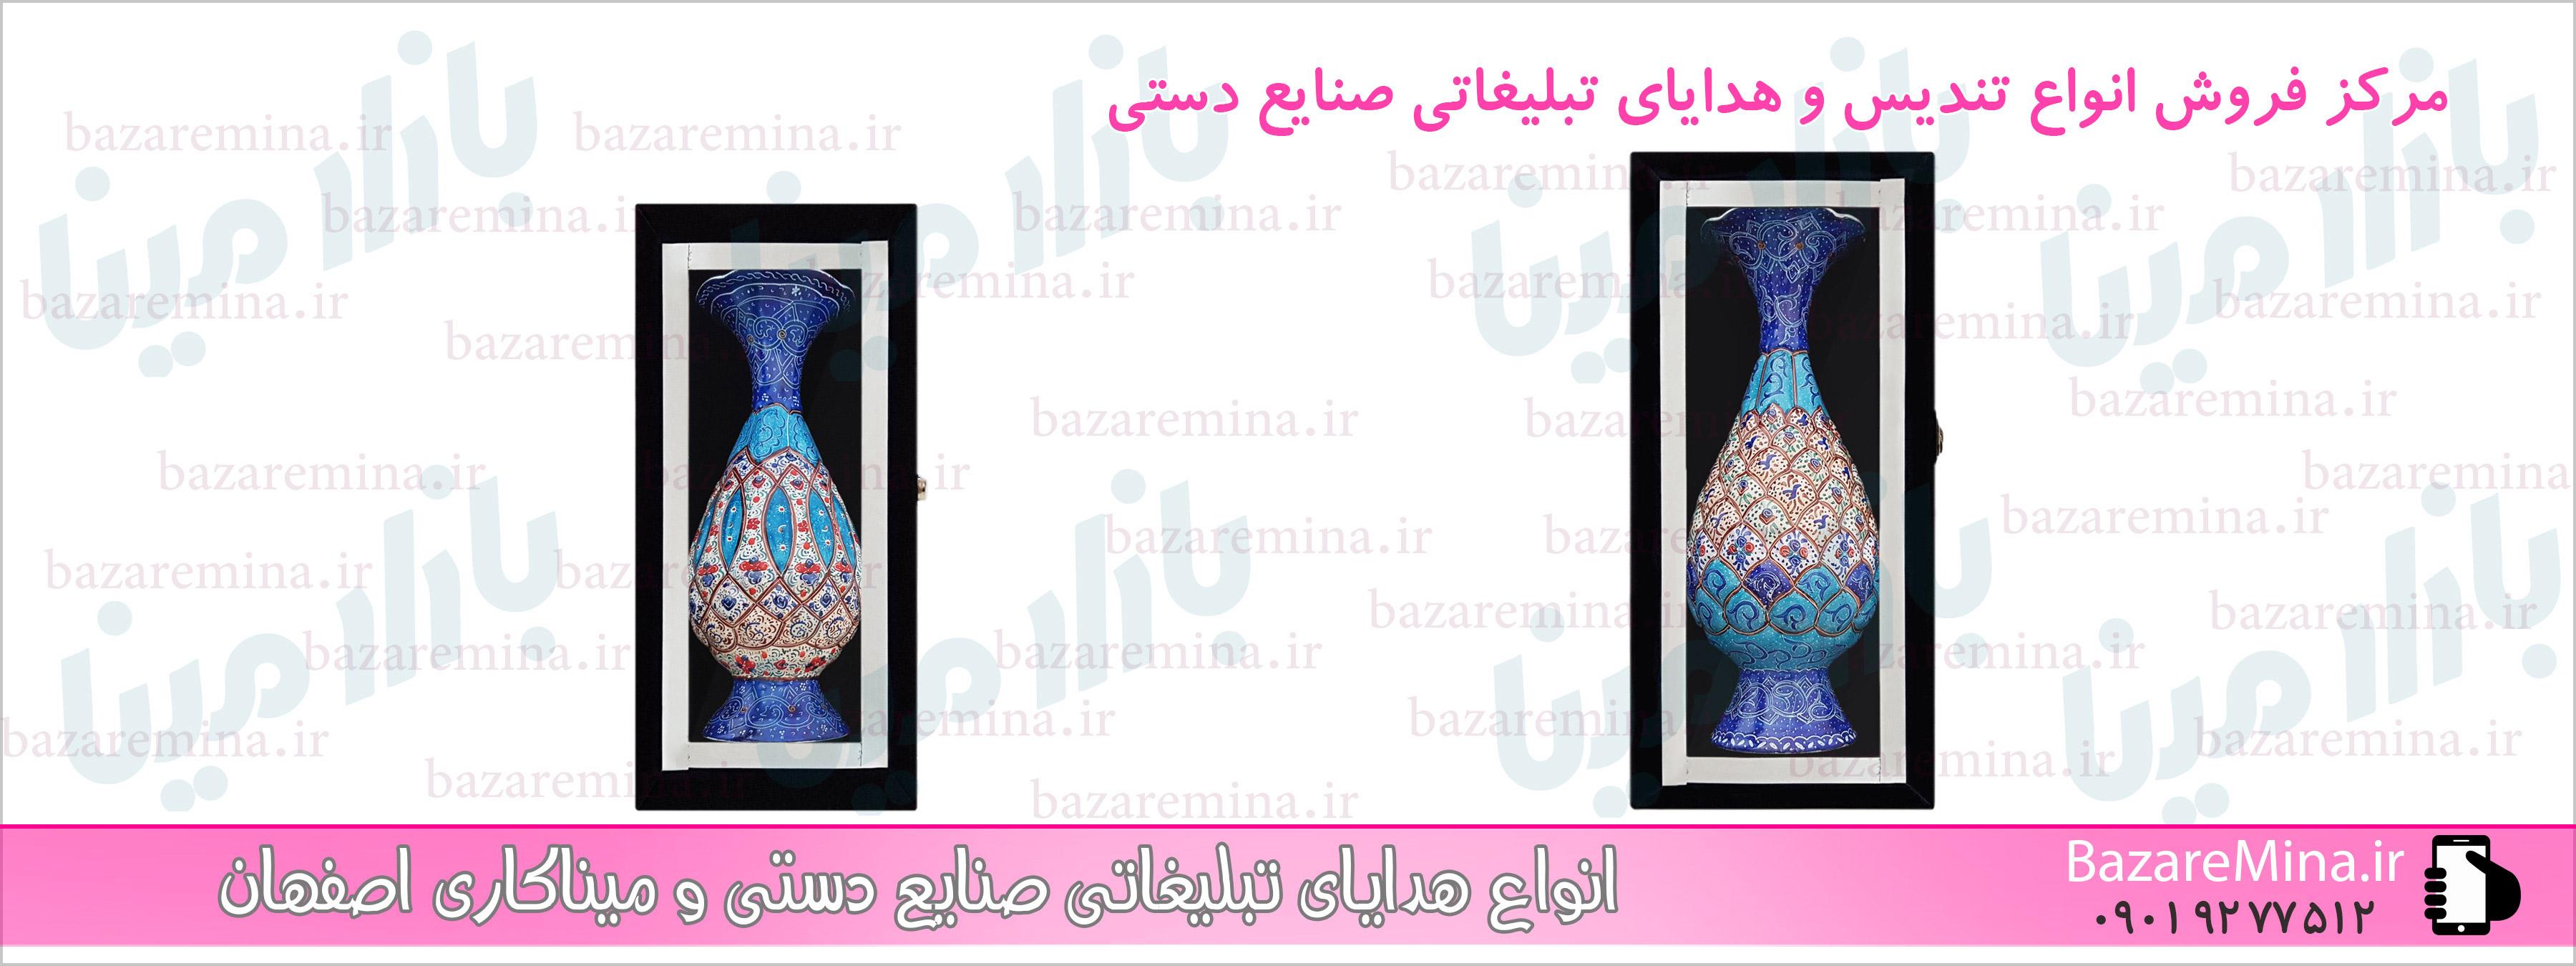 هدایای تبلیغاتی در تهران